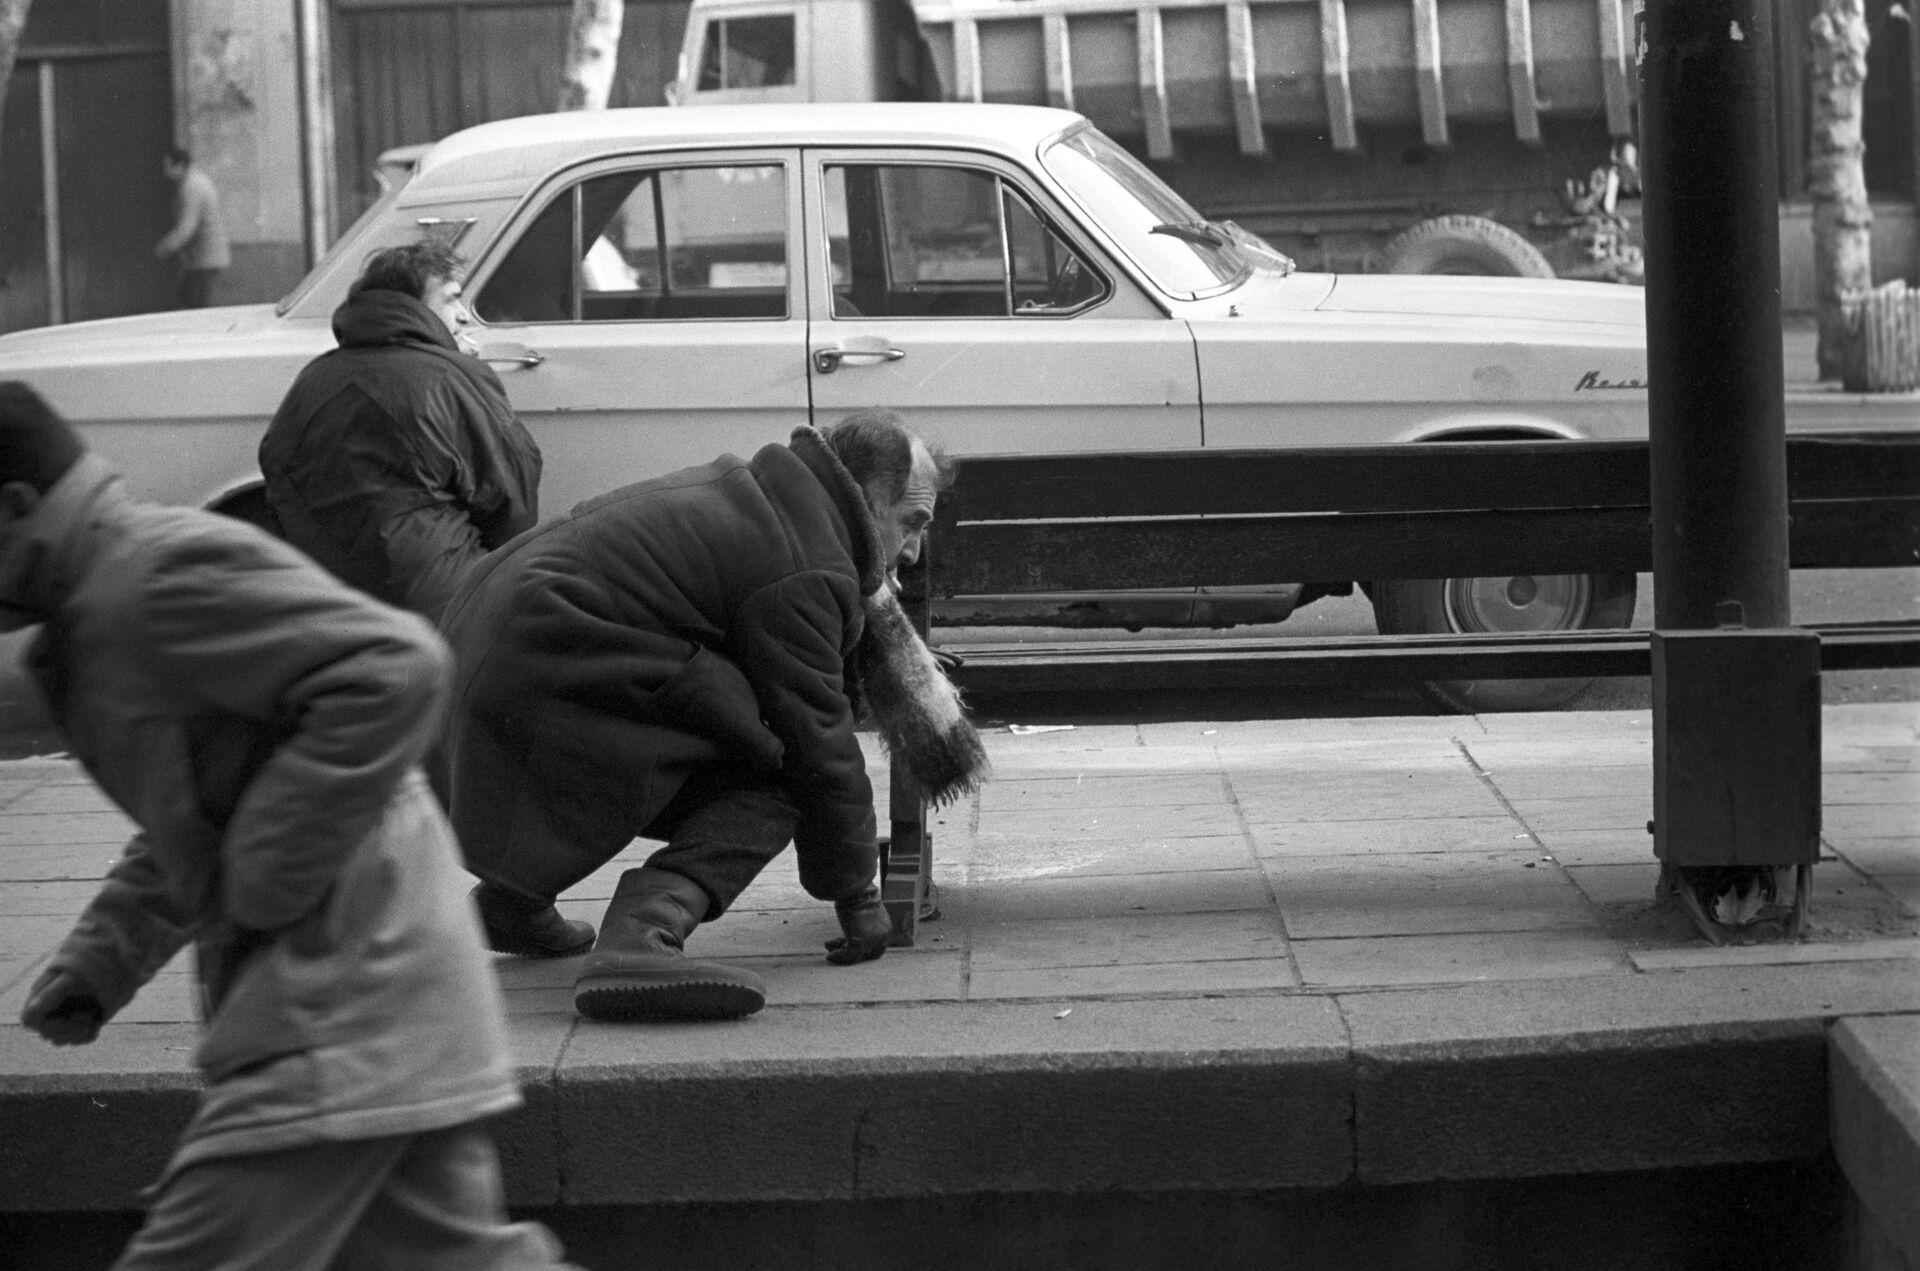 Выставка работ фотографа Георгия Цагарели пройдет в Тбилиси - Sputnik Грузия, 1920, 07.04.2021